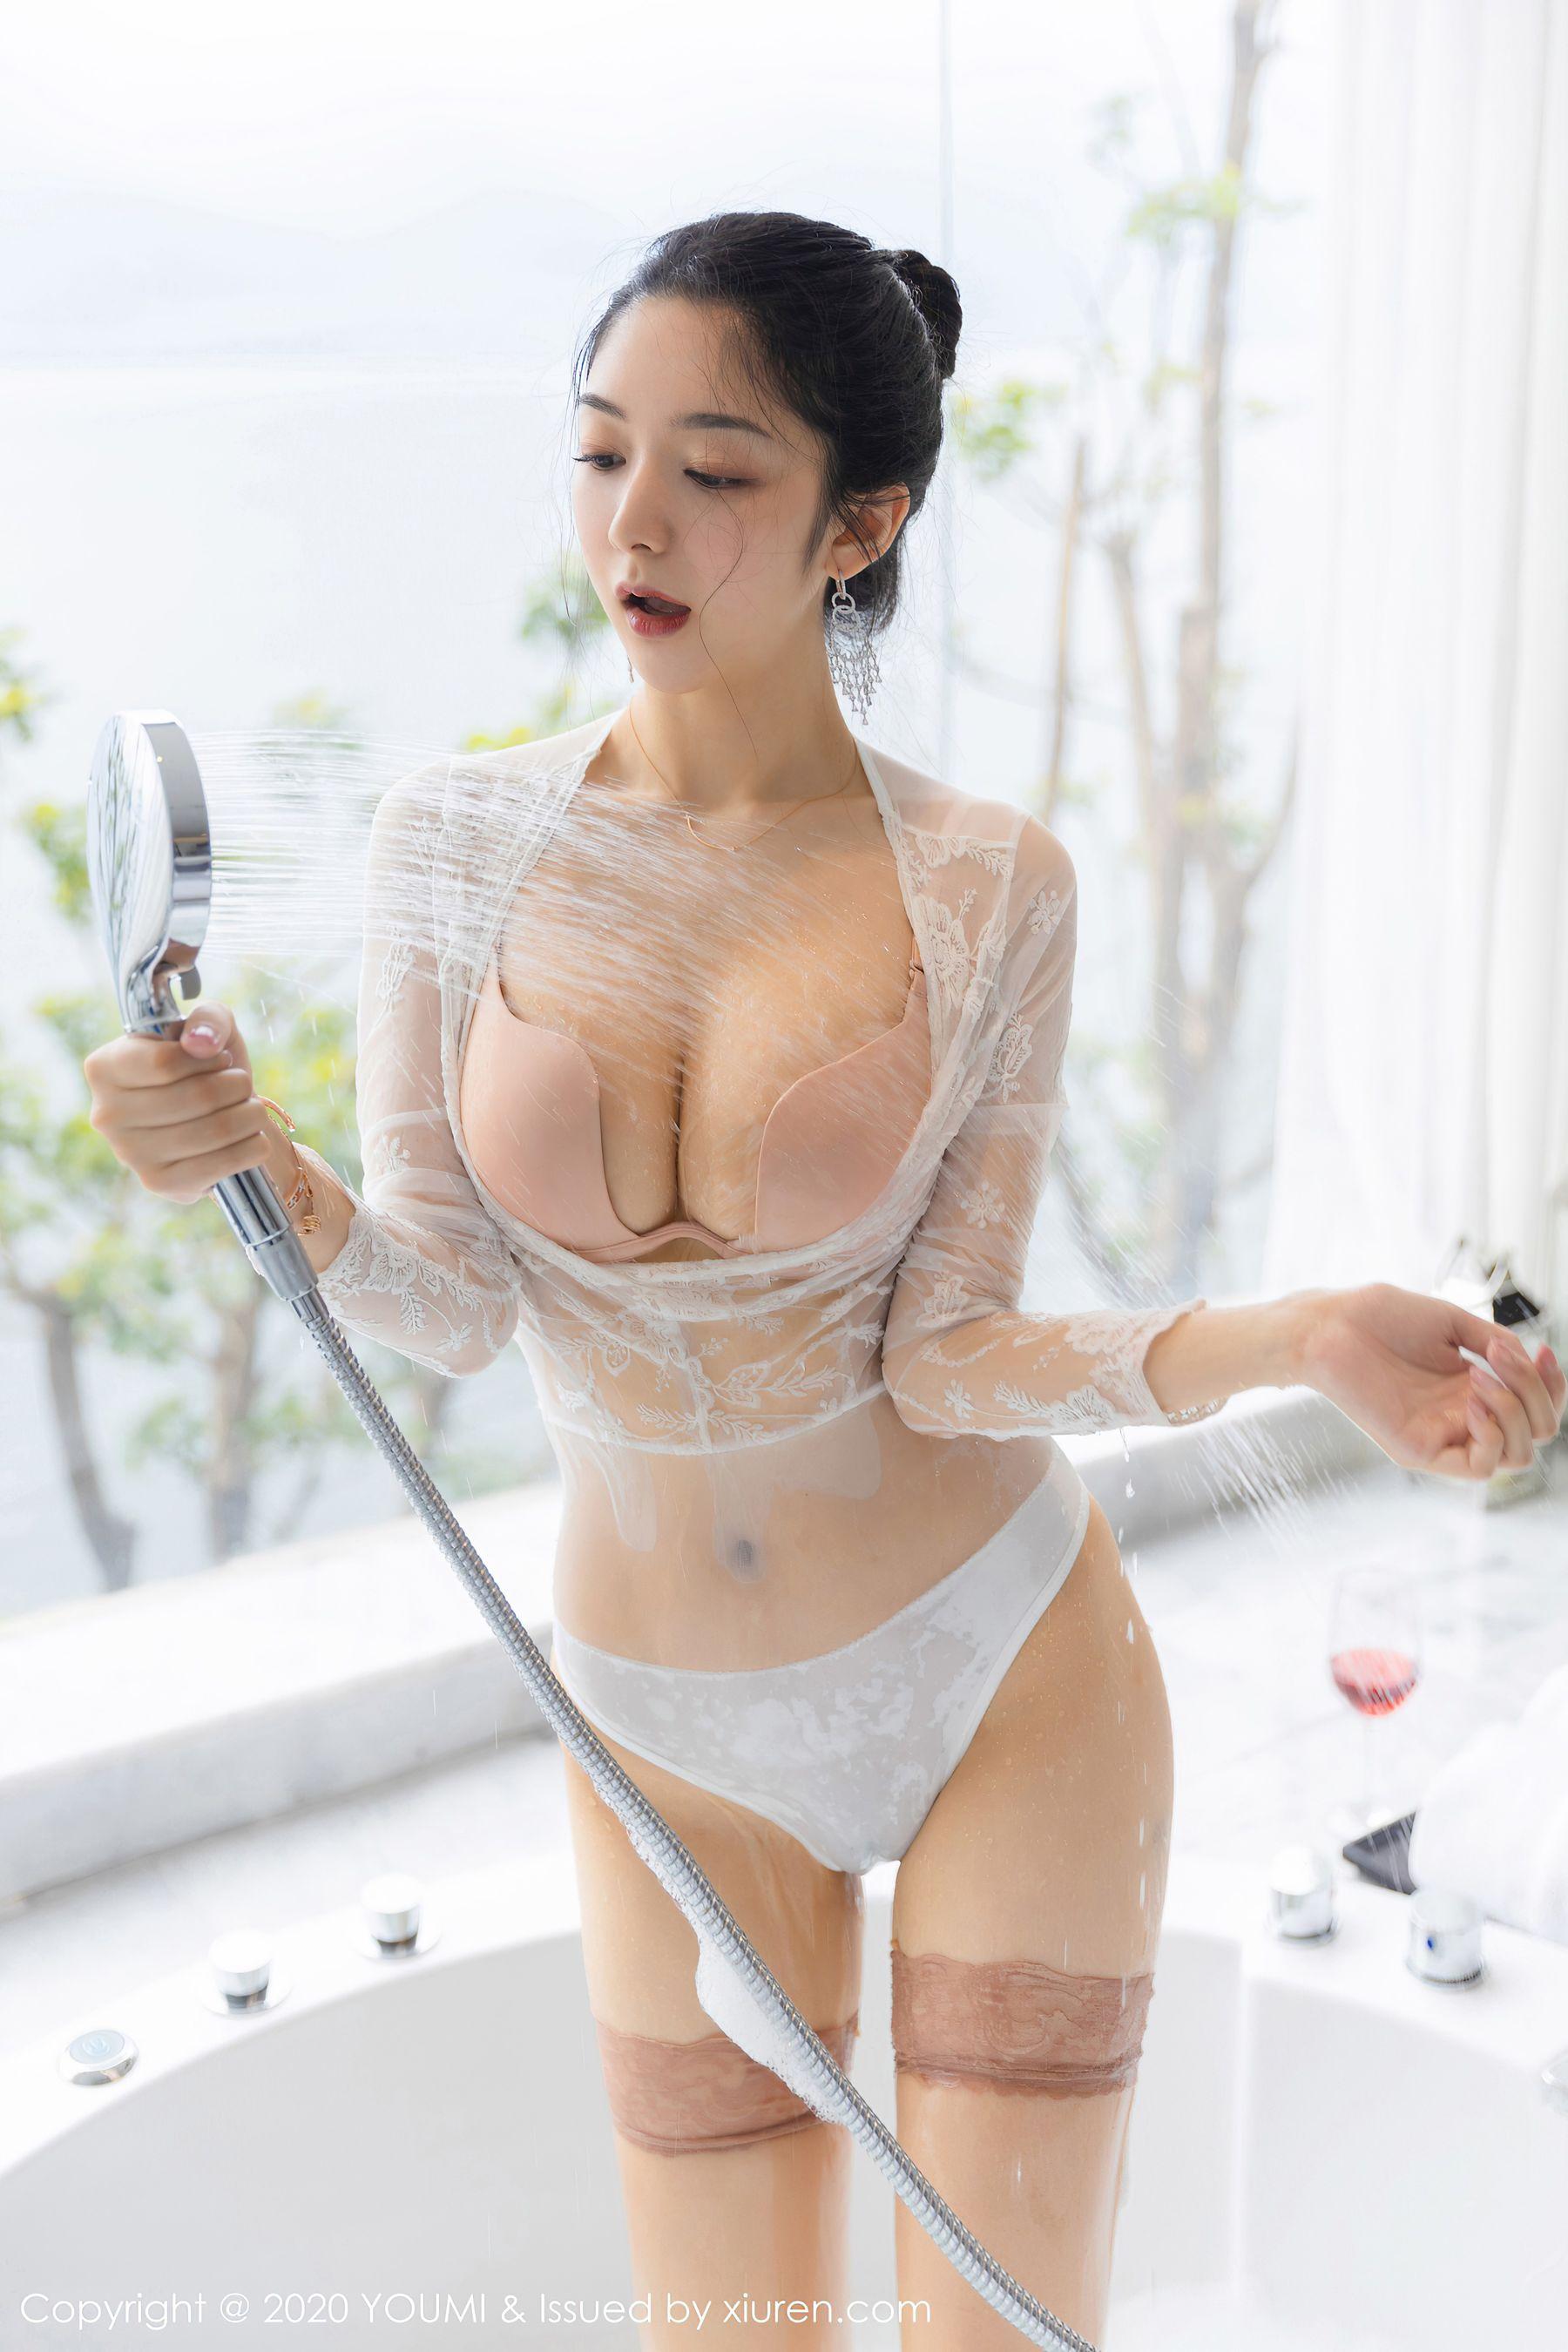 图片[5] - [尤蜜荟YouMi] Vol.478 Angela小热巴 - 唯独你没懂